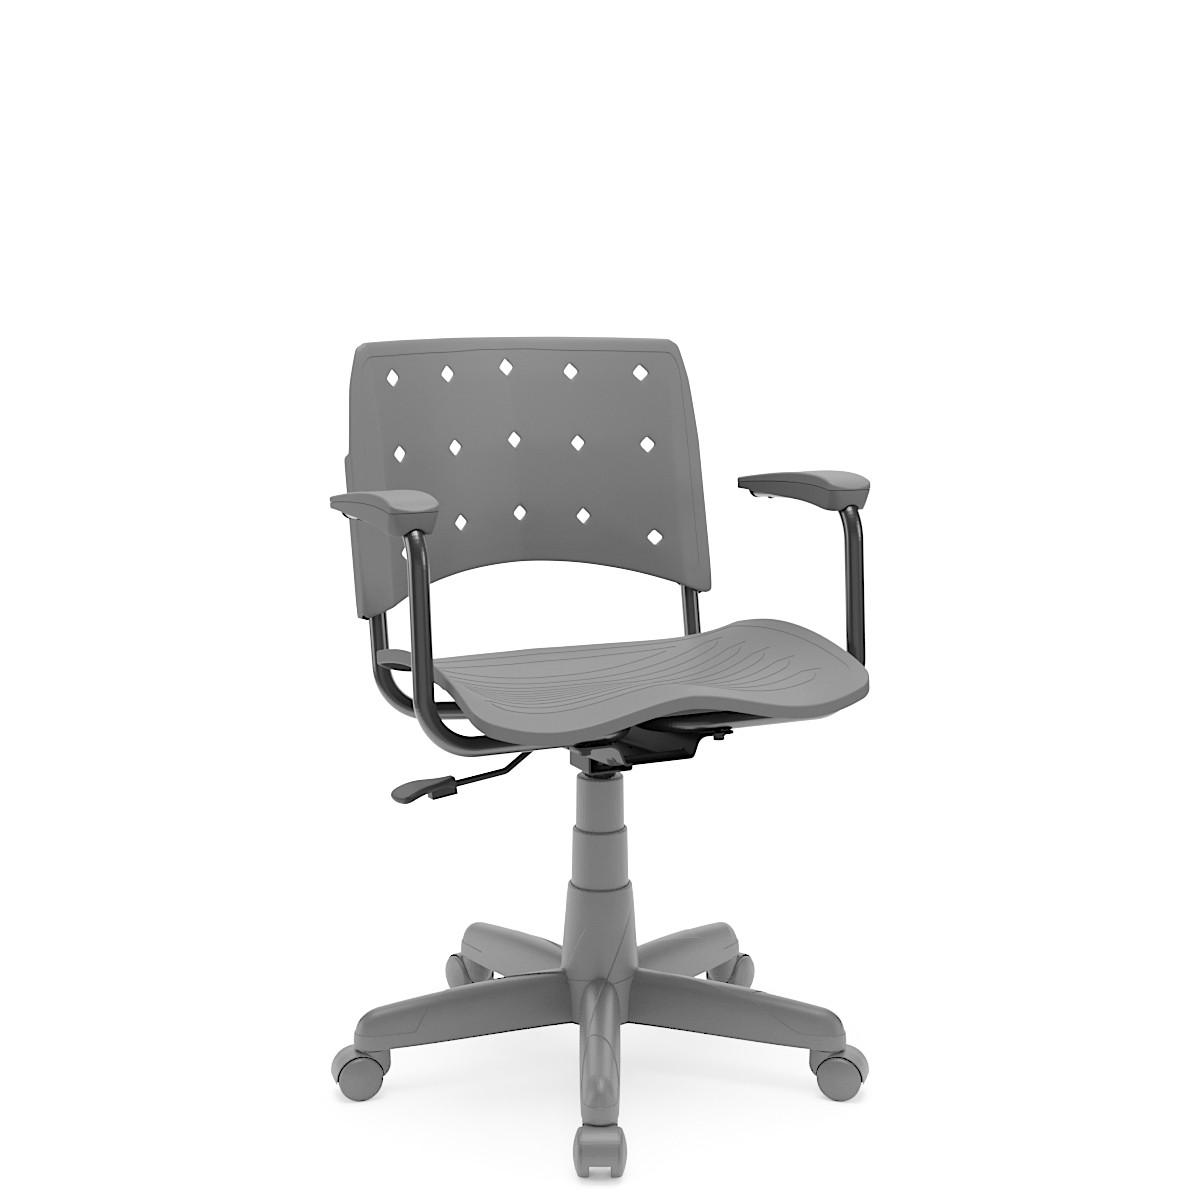 Cadeira Giratória Ergoplax Estrutura Cinza com braço Cinza Plaxmetal